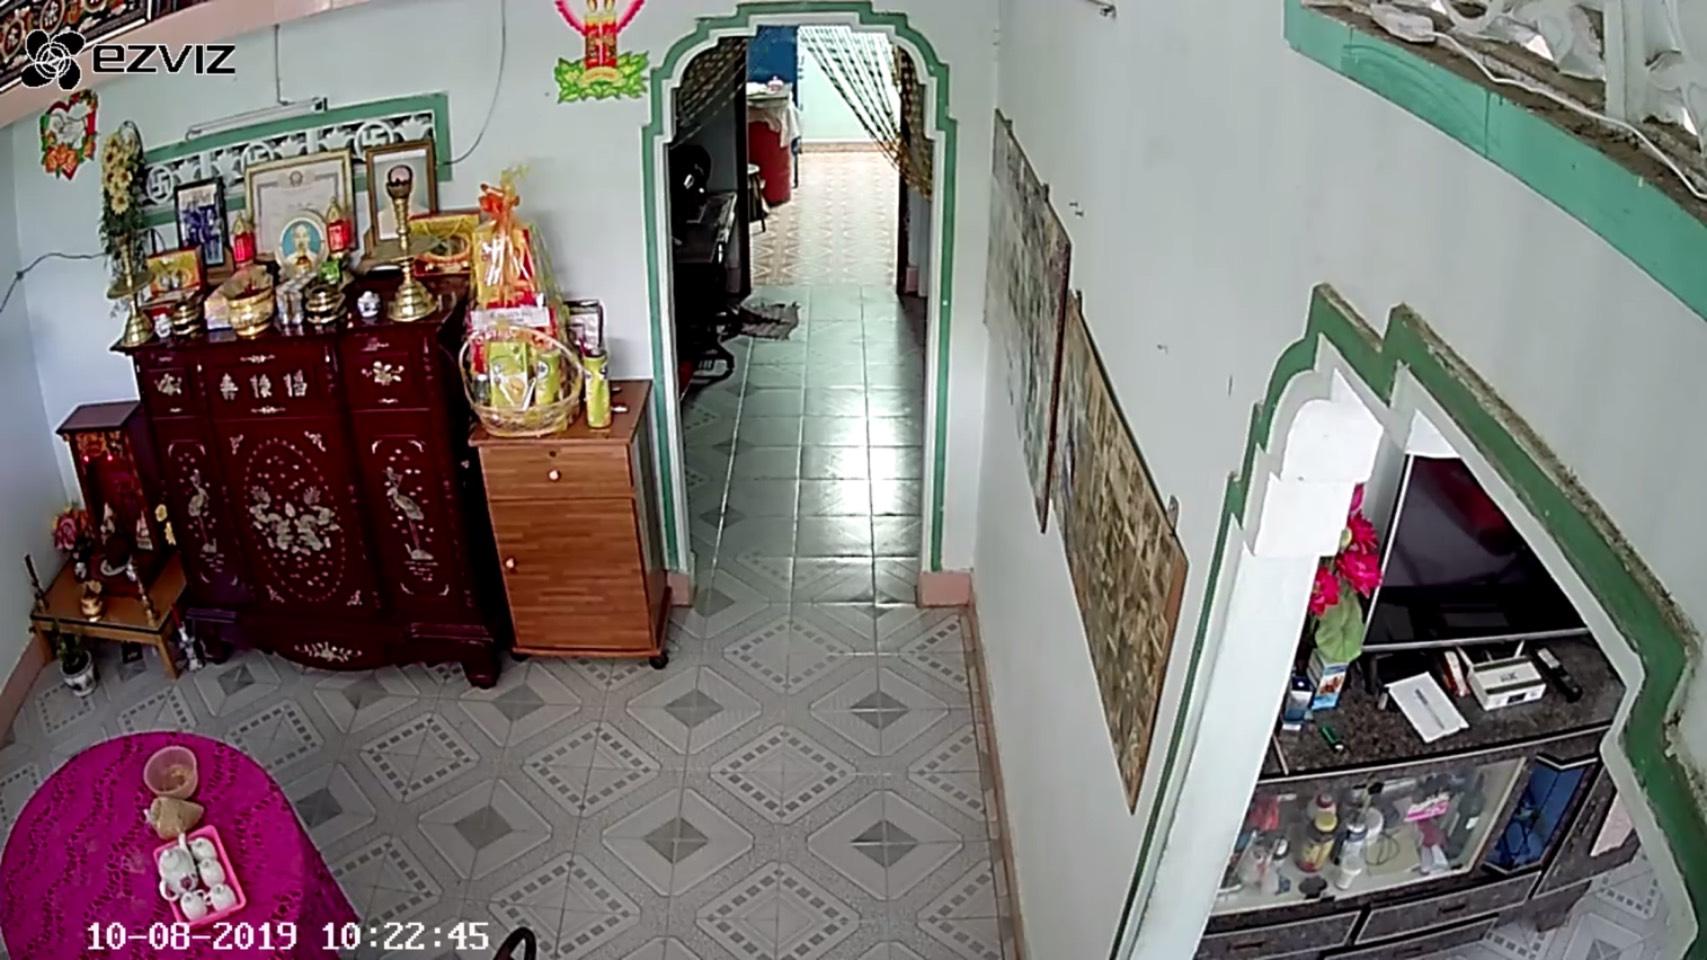 Hệ thống camera an ninh  Viễn Thông Quốc Huy cung cấp đến với mọi vùng, mọi nhà ở nông thôn